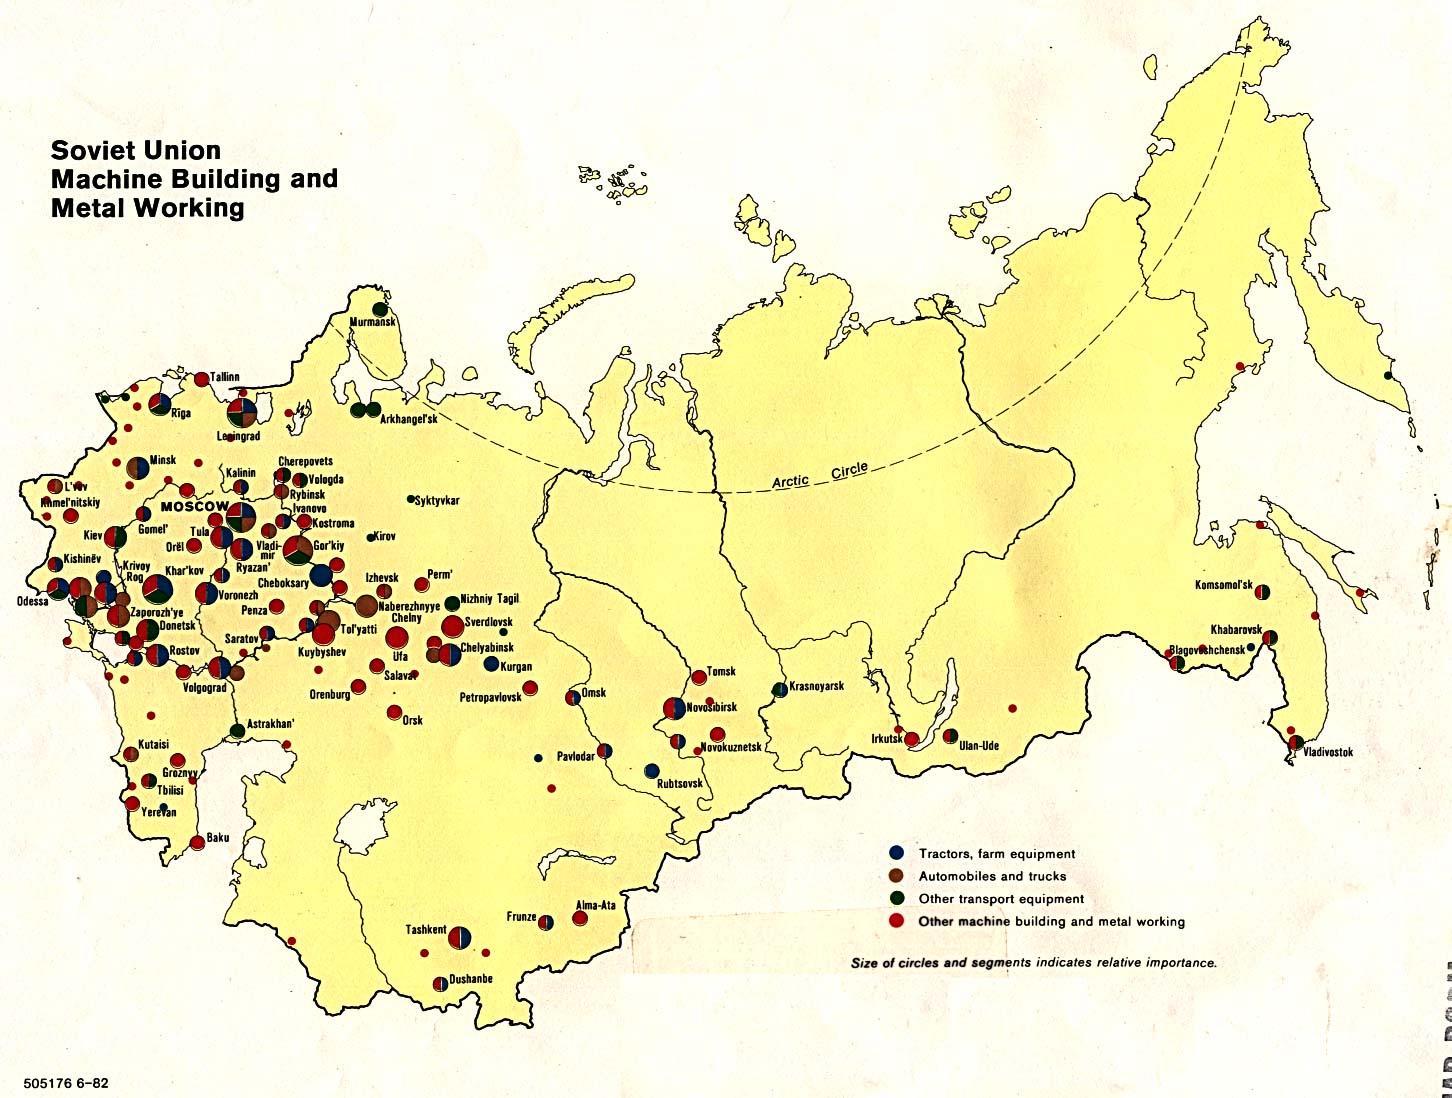 Mapa de la Metalurgia y de las Construcciónes de Máquinas en la ex Unión Soviética